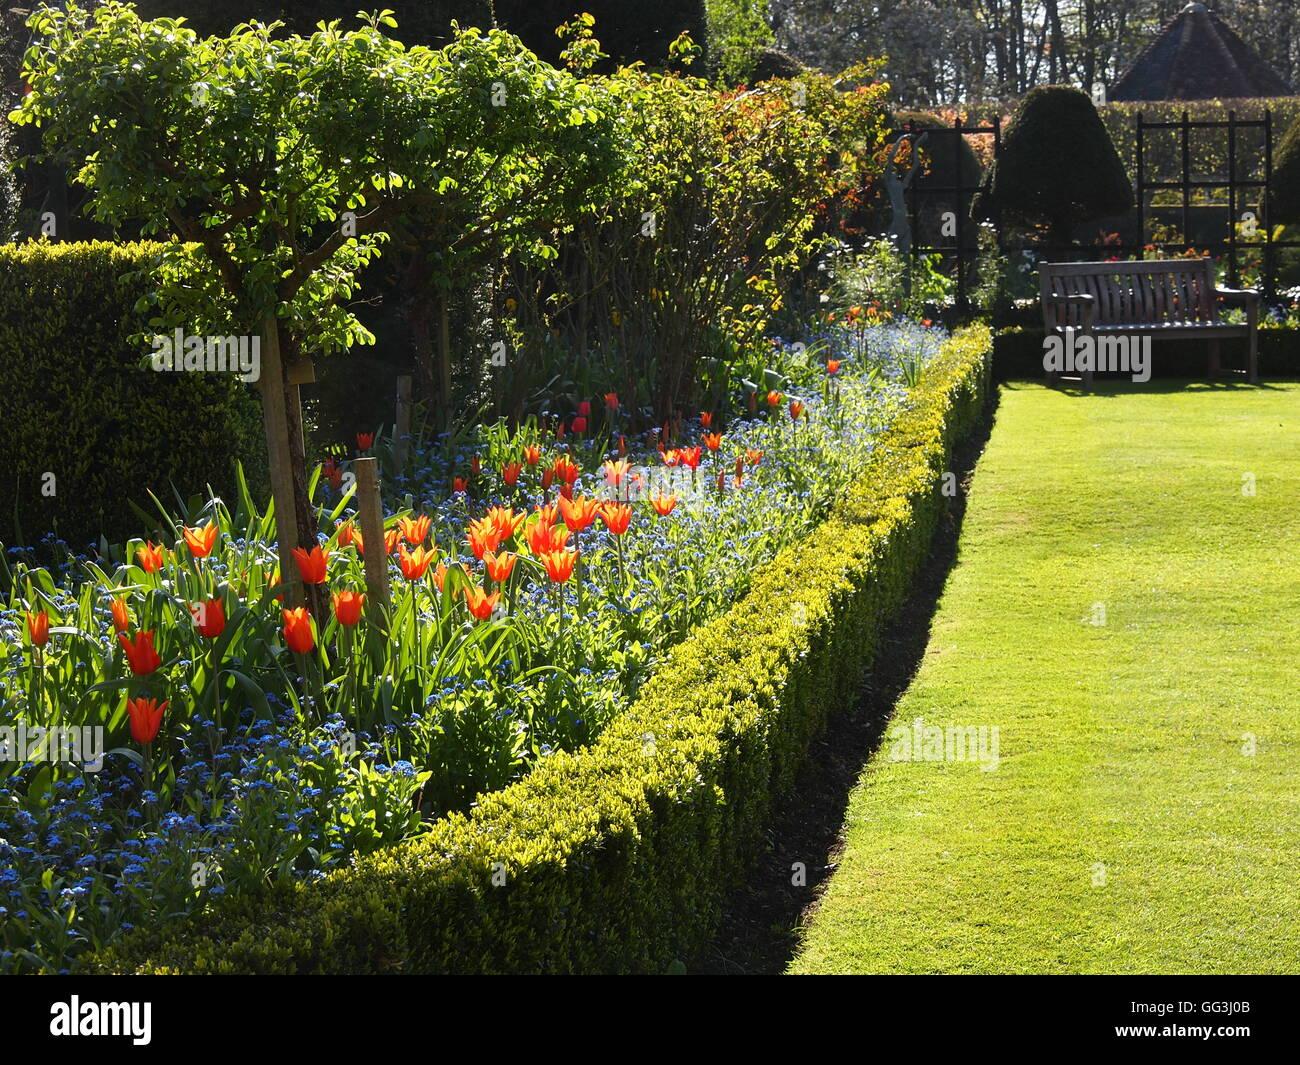 """Bella e soleggiata """"retroilluminato Ballerina' tulipani a Chenies Manor in primavera. Fiori vivaci e una scatola di copertura, prato e giardino banco. Foto Stock"""